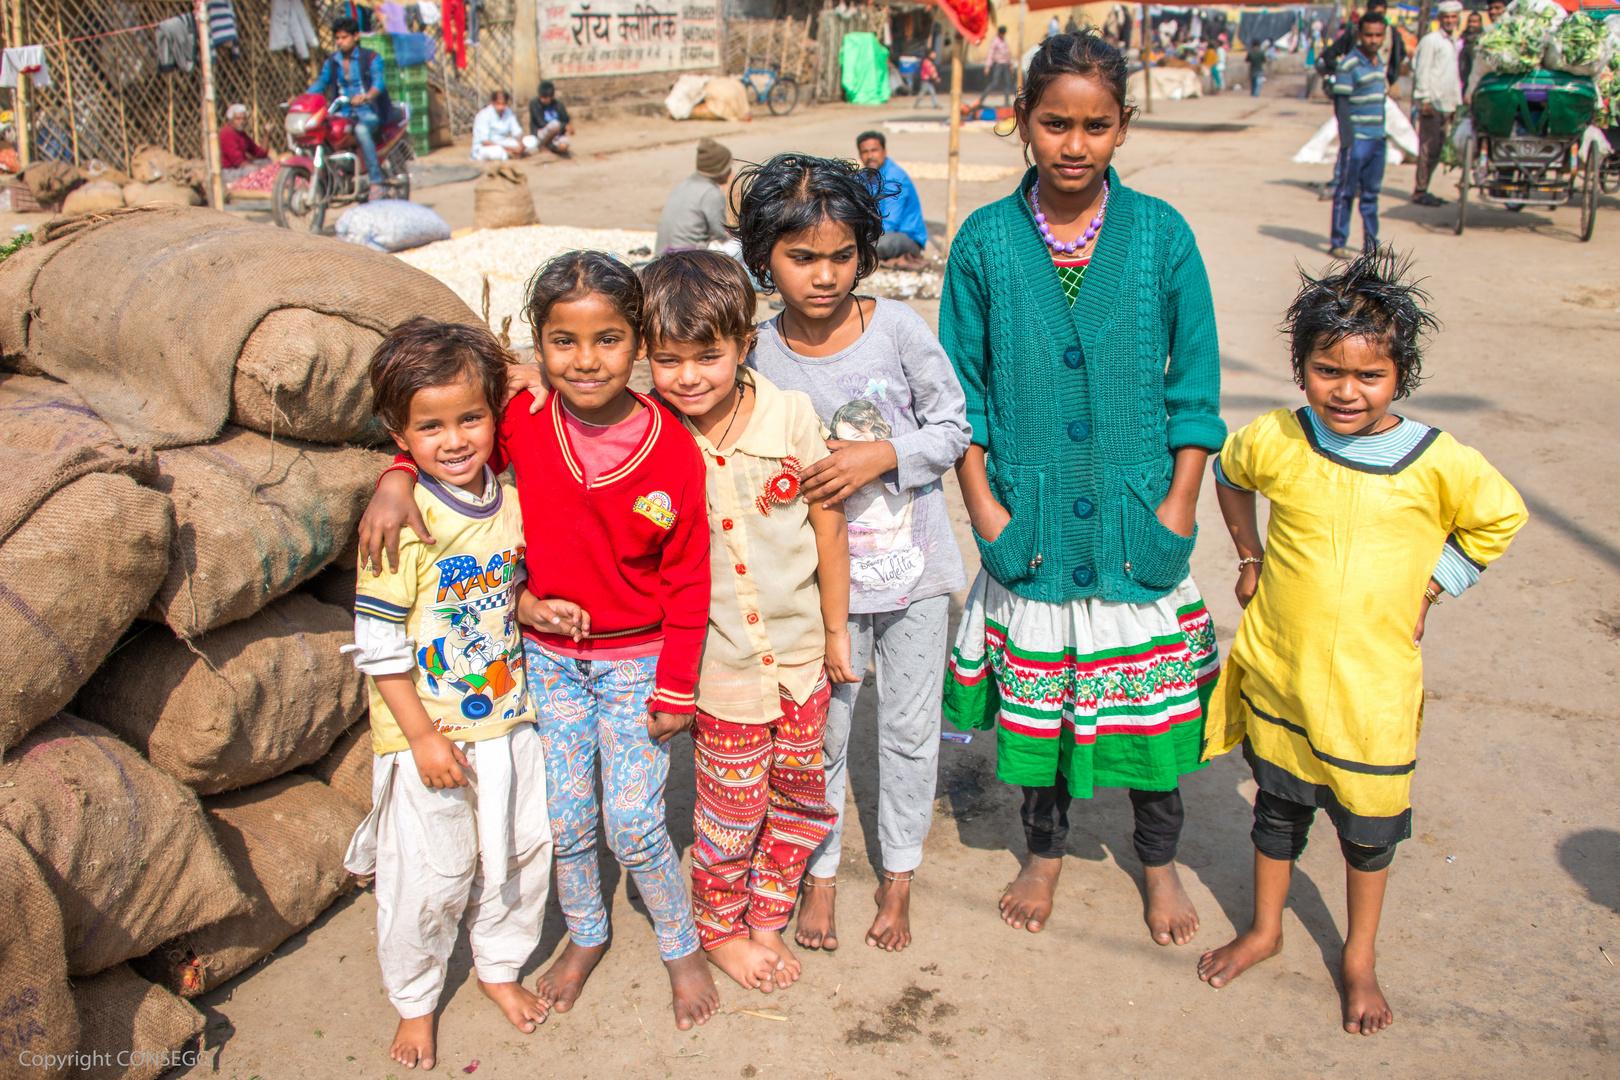 Spielplatz in Kanpur